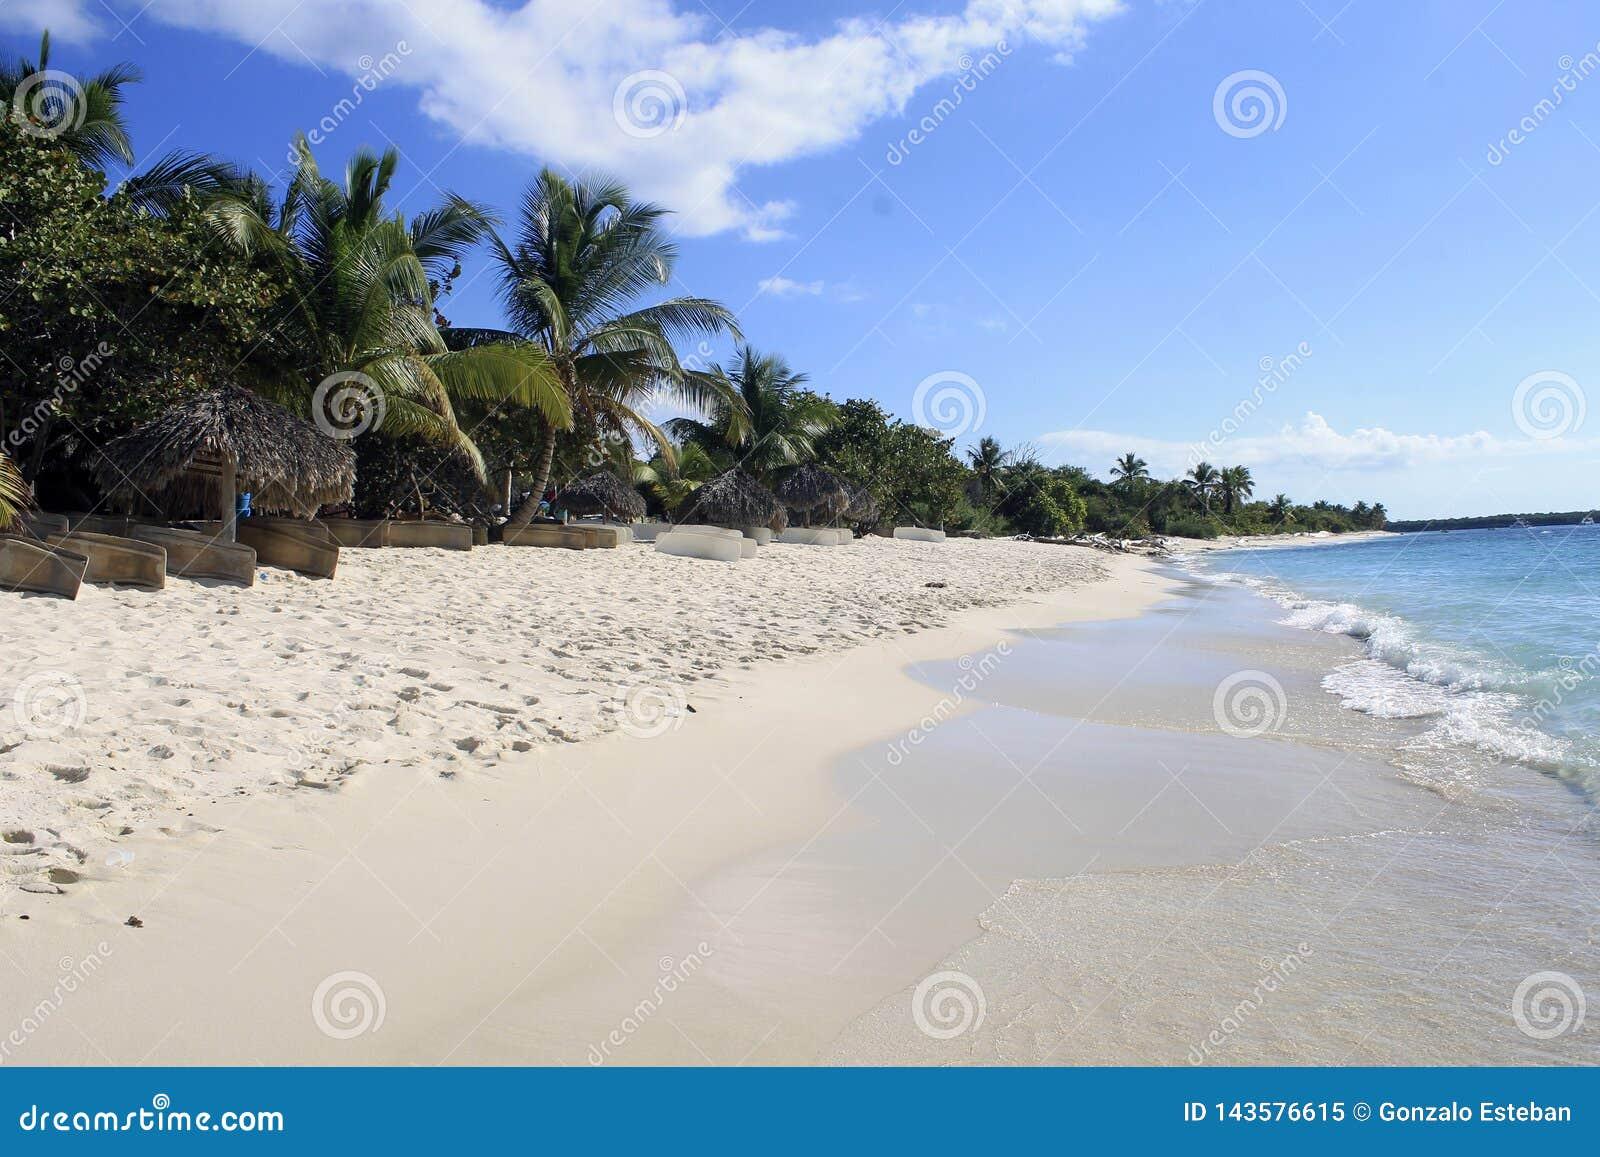 Тропический пляж острова с белым песком